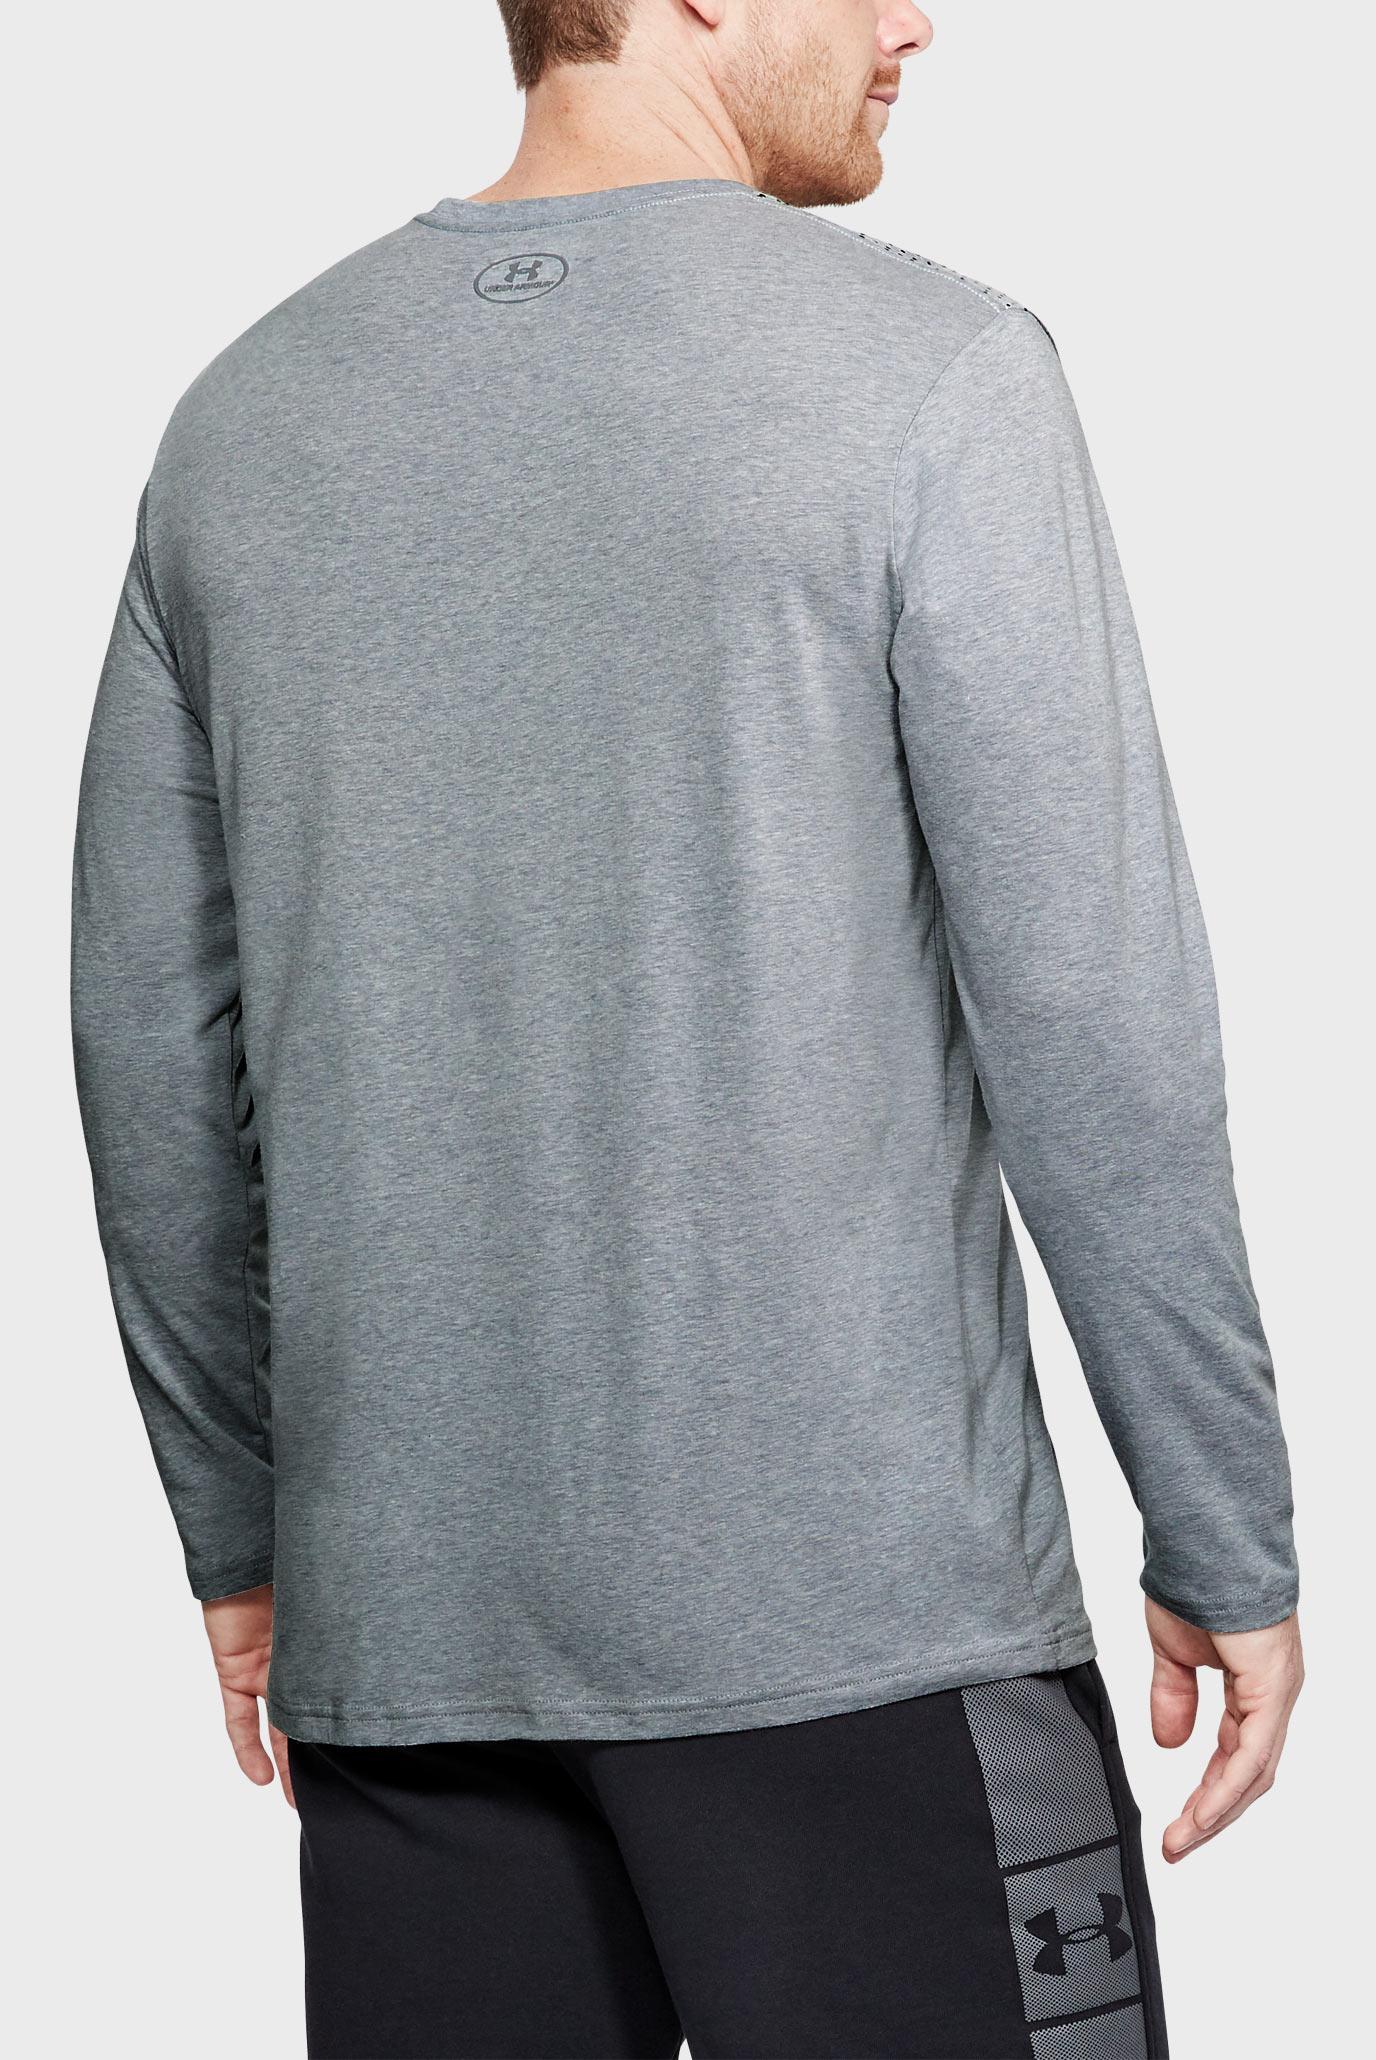 Купить Мужской серый лонгслив Branded Gradient LS Under Armour Under Armour 1310970-035 – Киев, Украина. Цены в интернет магазине MD Fashion